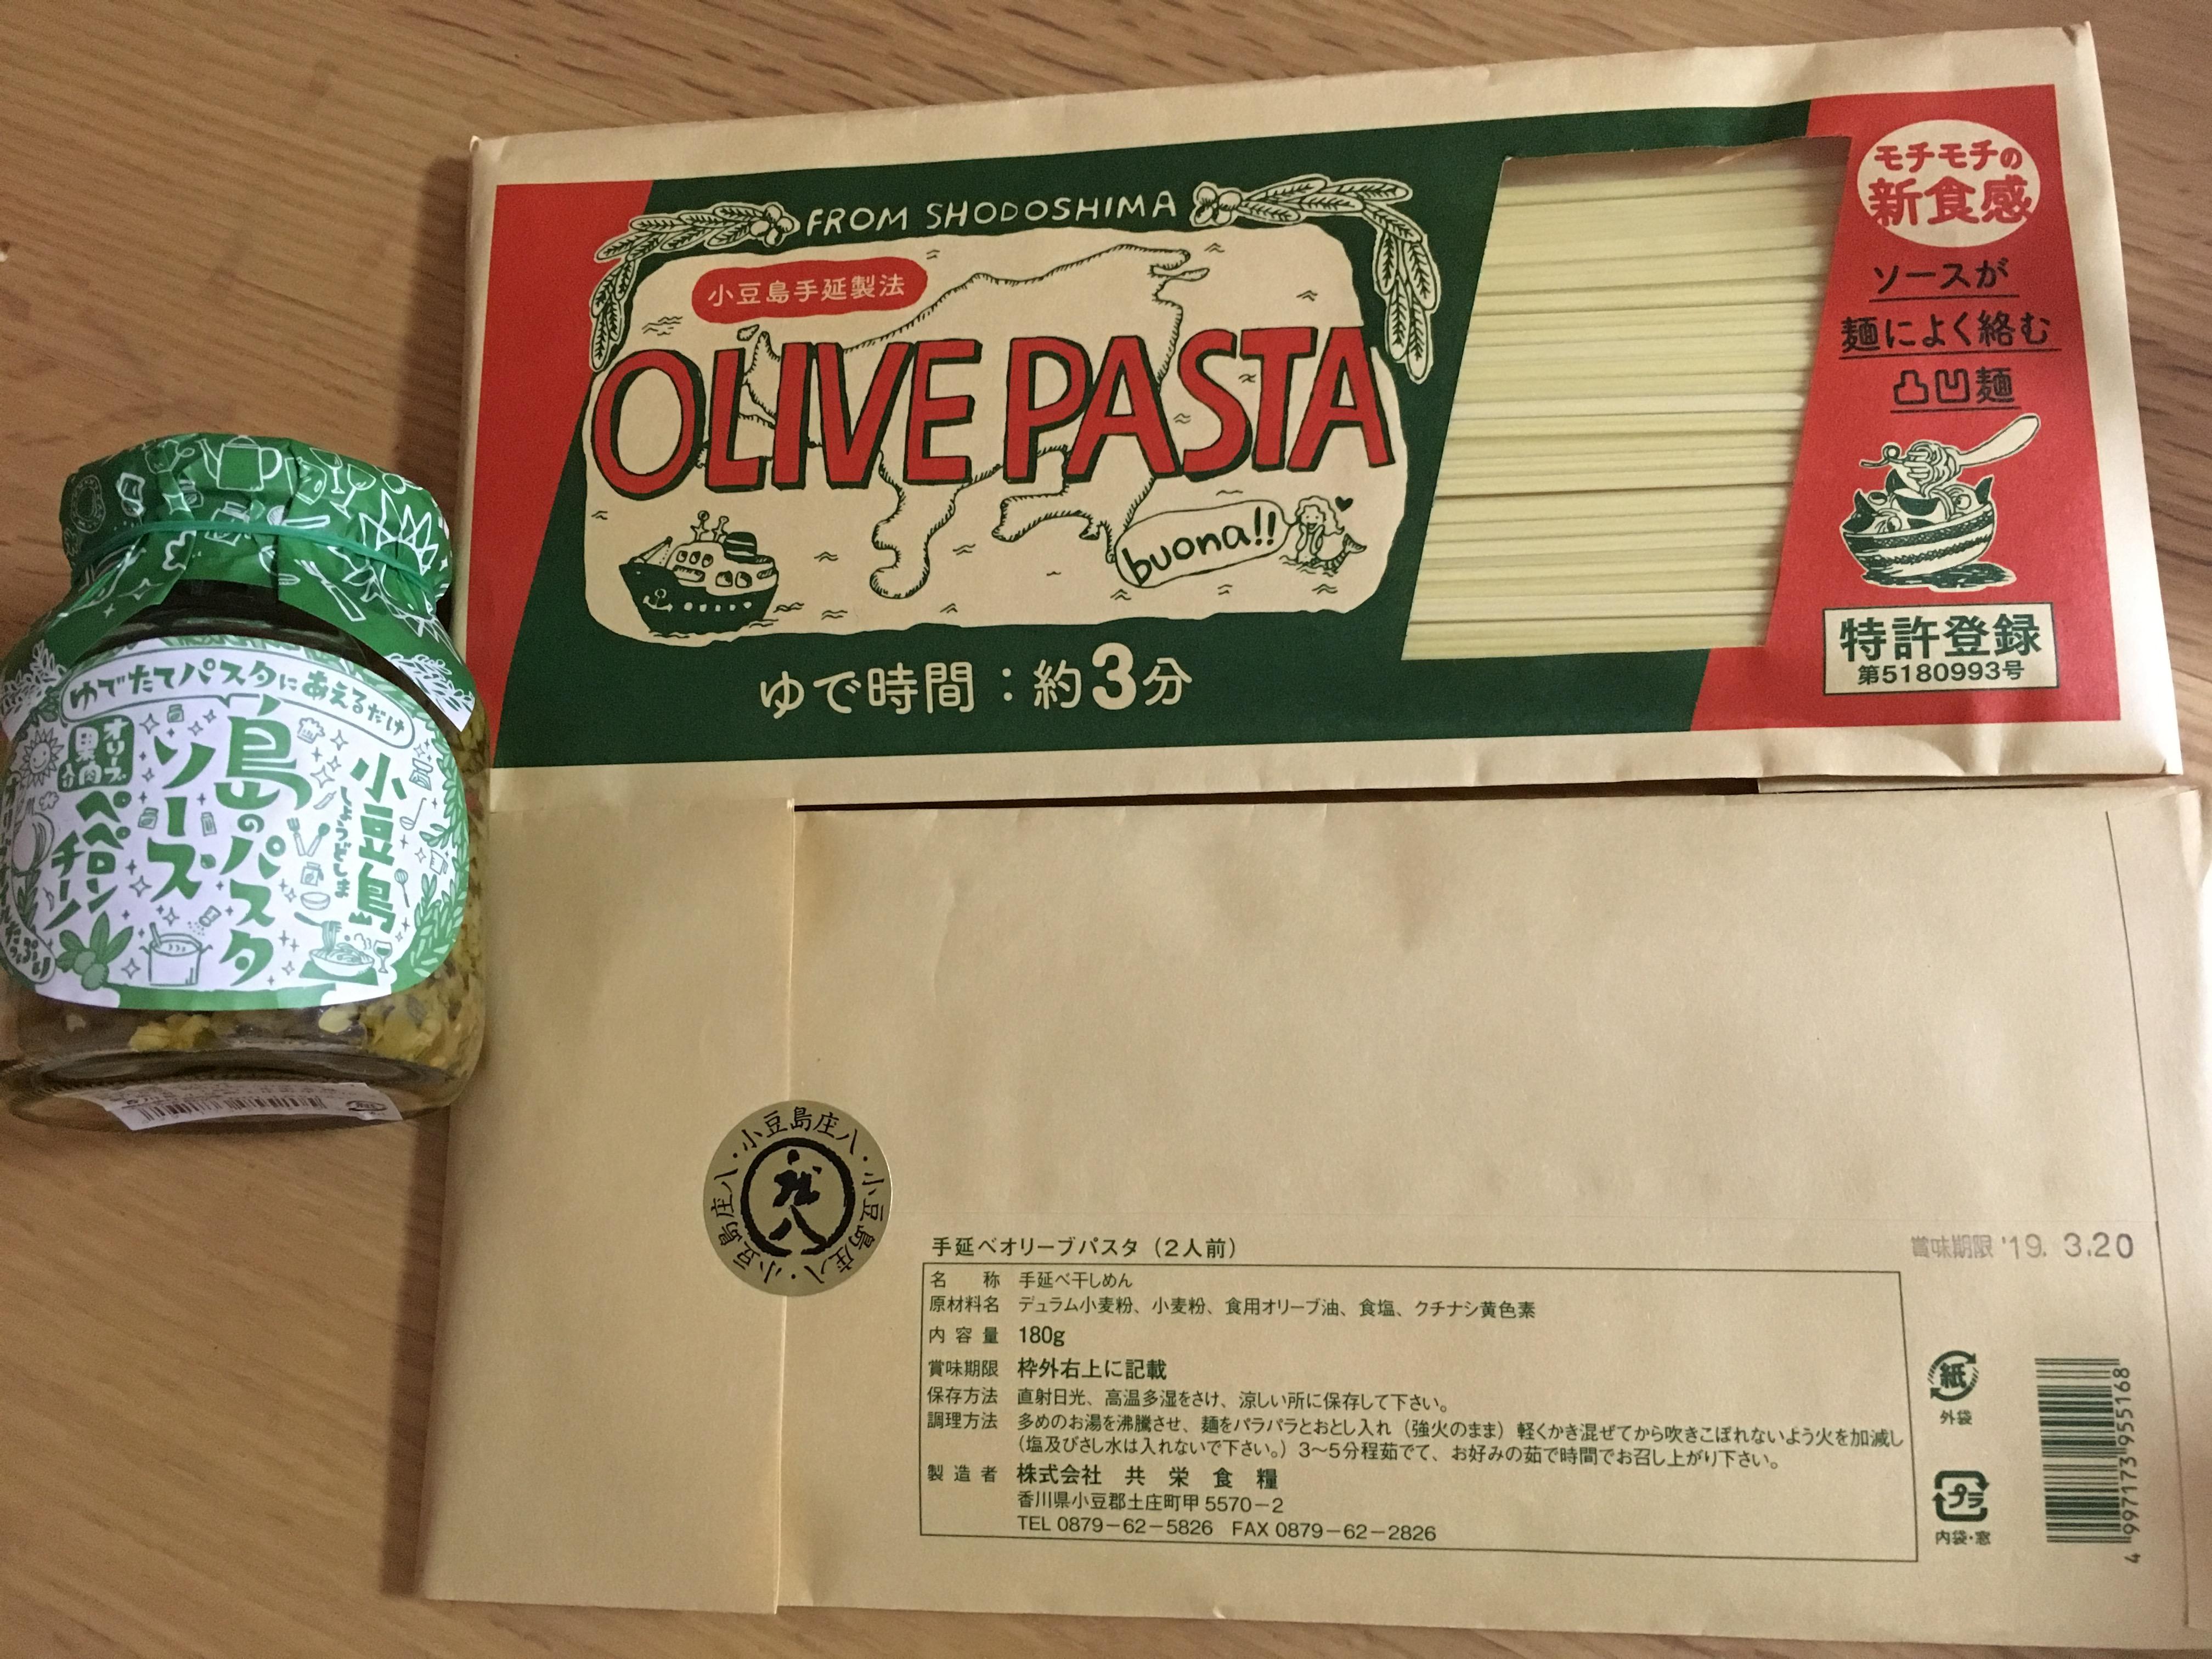 小豆島生まれの個性的な麺と、瓶に入ったおしゃれなパスタソースがベストマッチの組み合わせ!